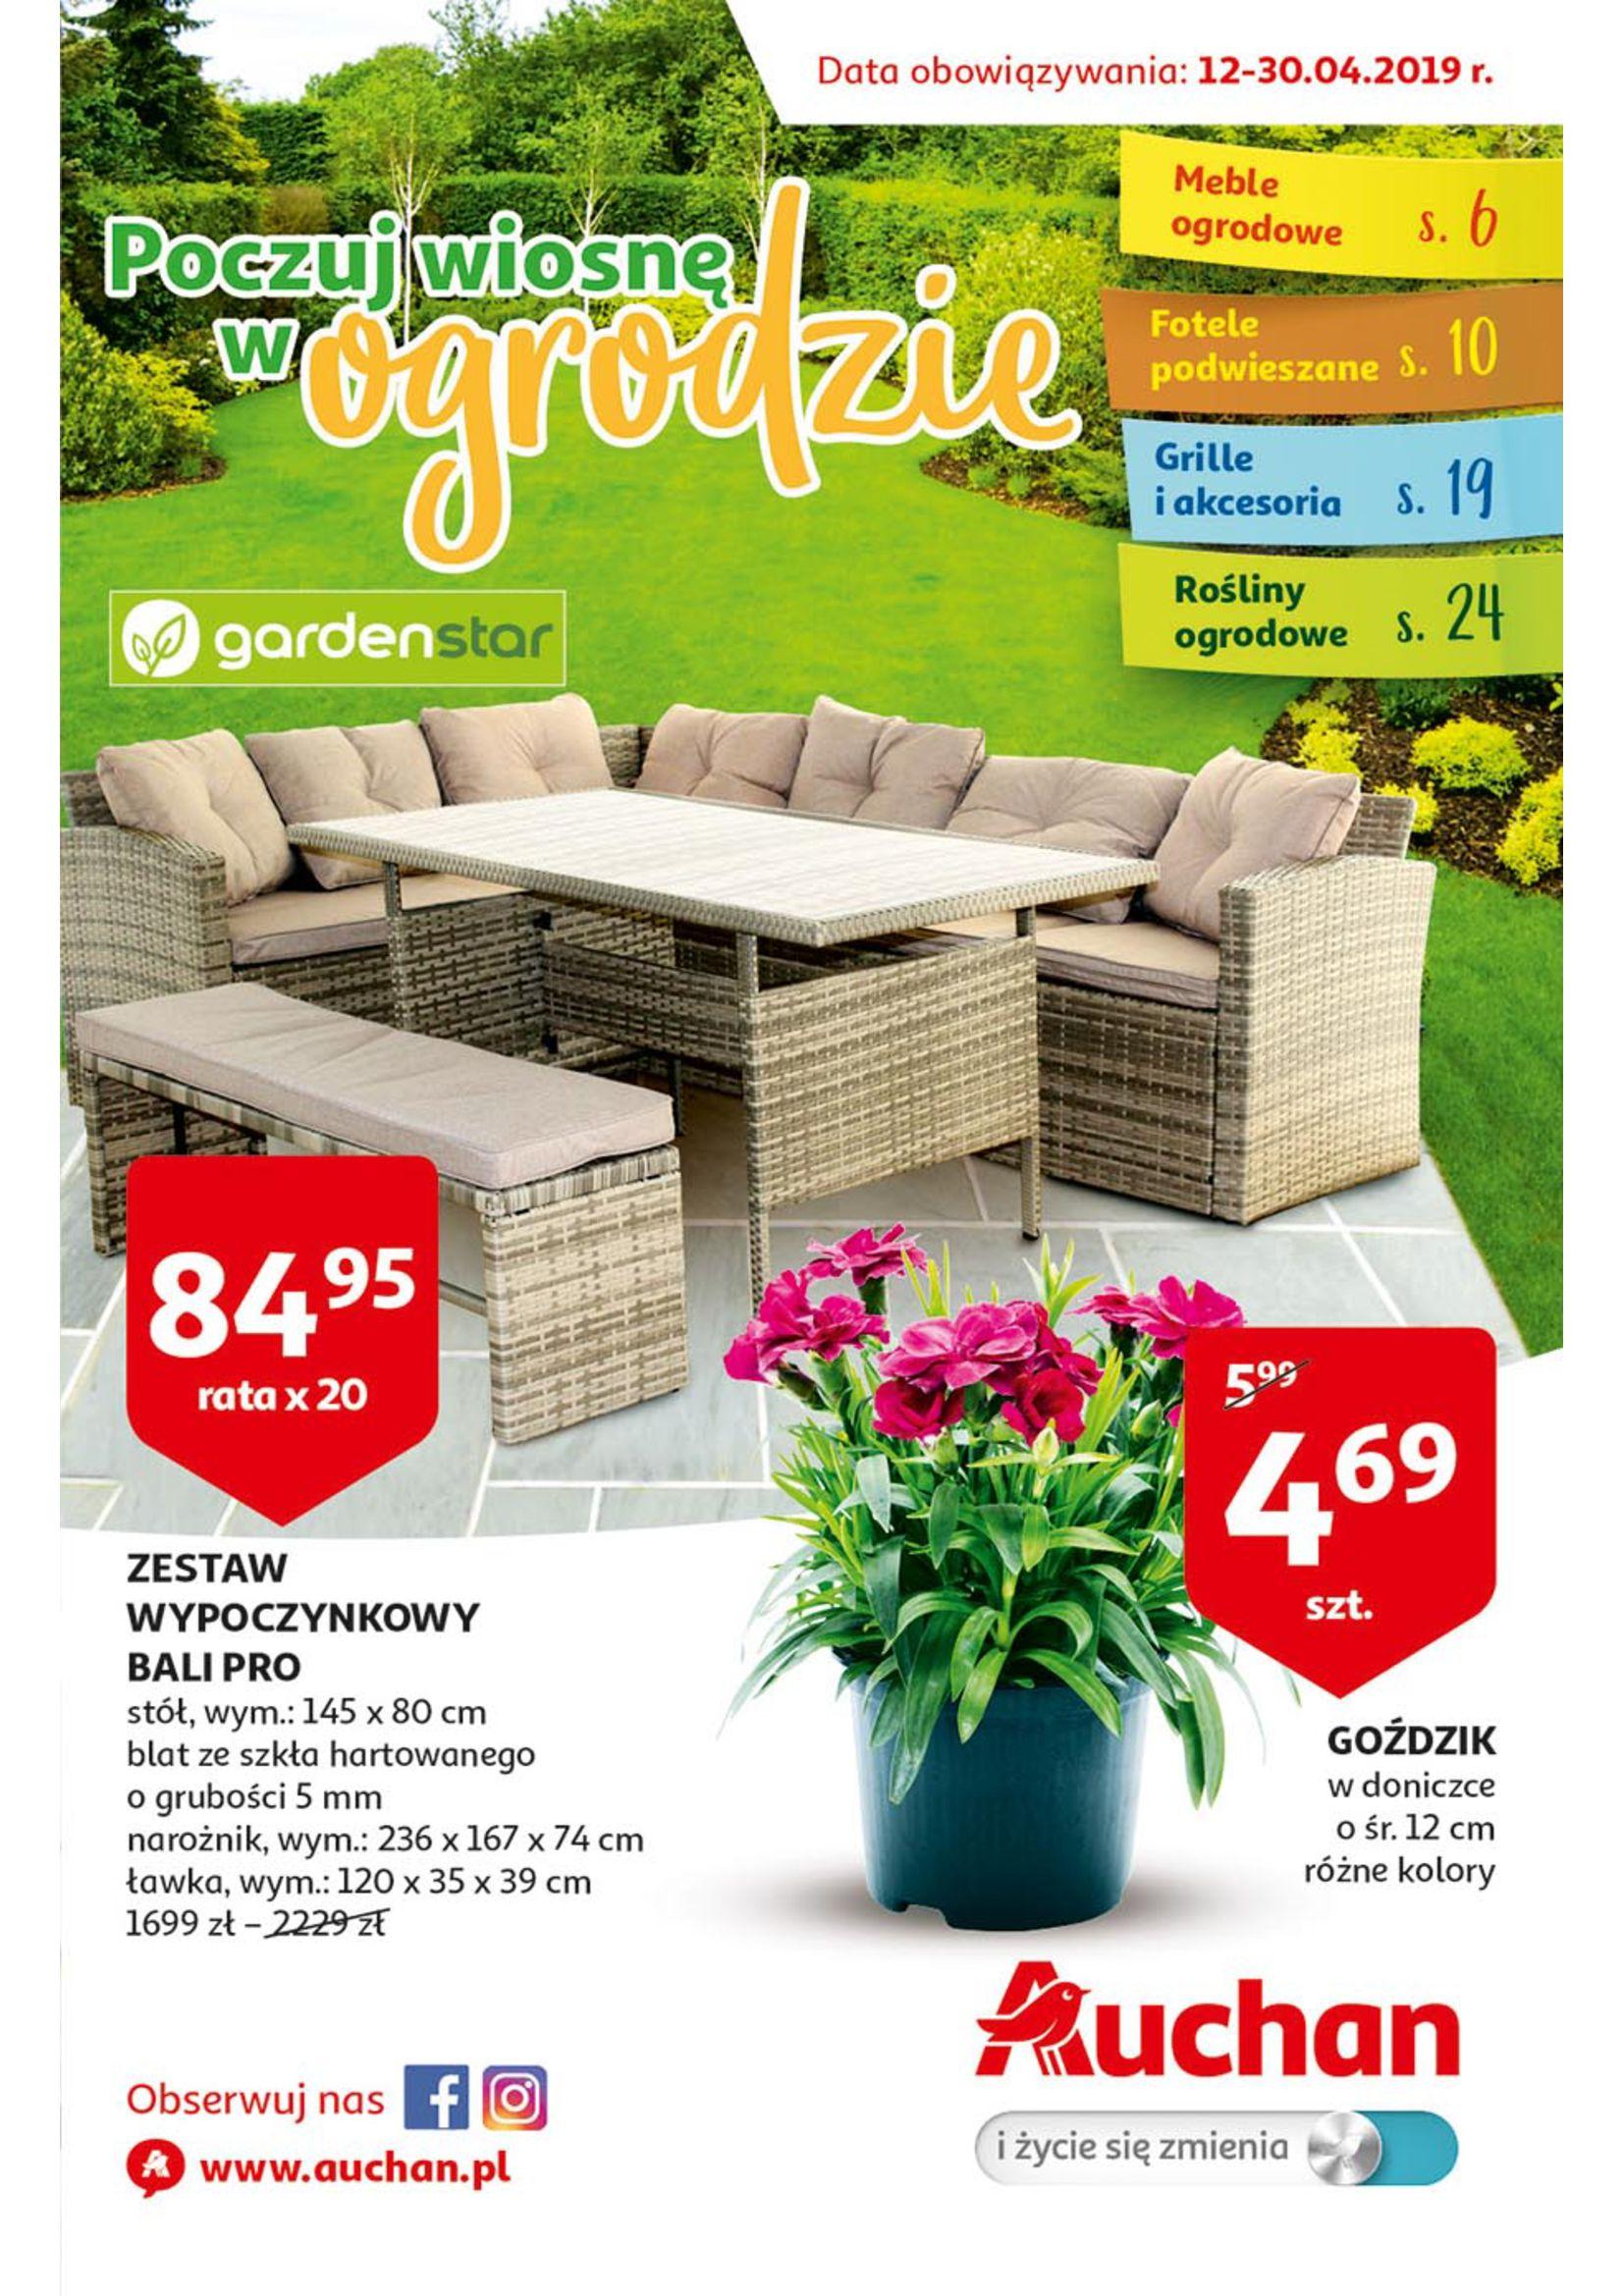 Gazetka Auchan - Poczuj wiosnę w ogrodzie Hipermarkety-11.04.2019-30.04.2019-page-